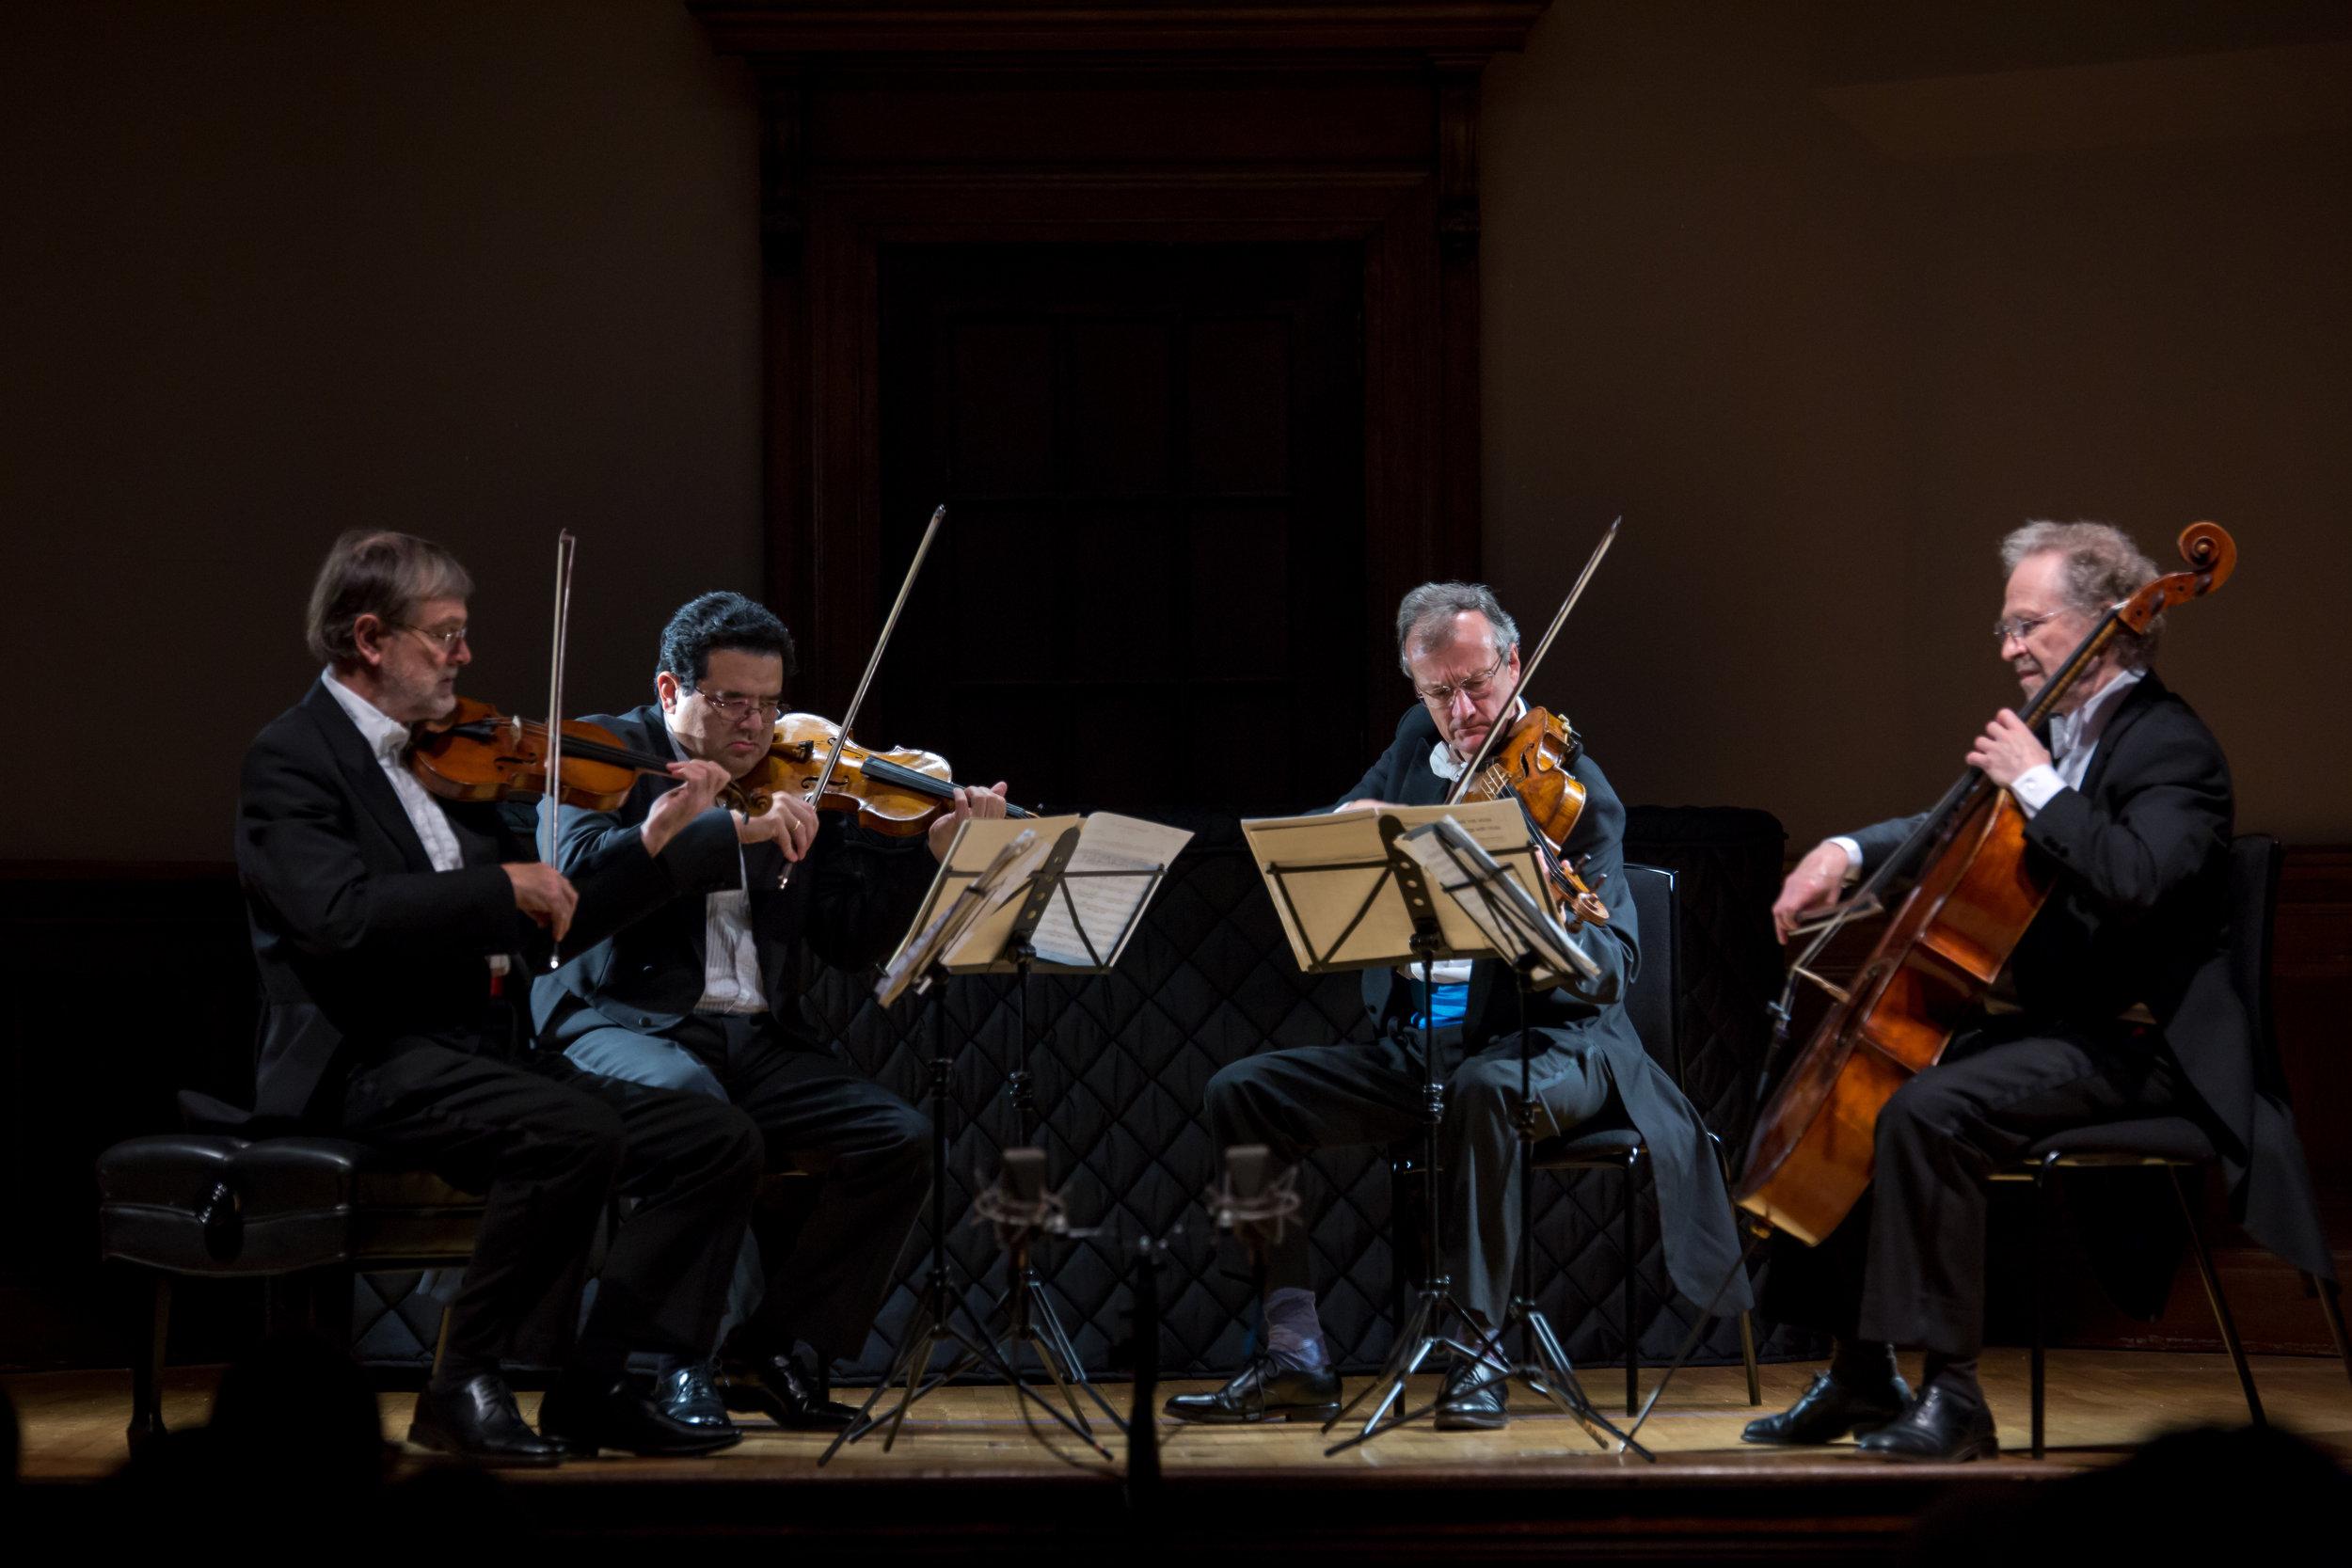 HAYDN, BEETHOVEN, SCHUBERT: KINDRED SPIRITS - OCTOBER 26, 2017. Italian academyEndellion String QuartetIllustrated talk by David WatermanHaydn - String Quartet in G major, Op. 54 No. 1Beethoven - String Quartet No. 12 in E flat major, Op. 127Schubert - Quartettsatz in C minor, D703